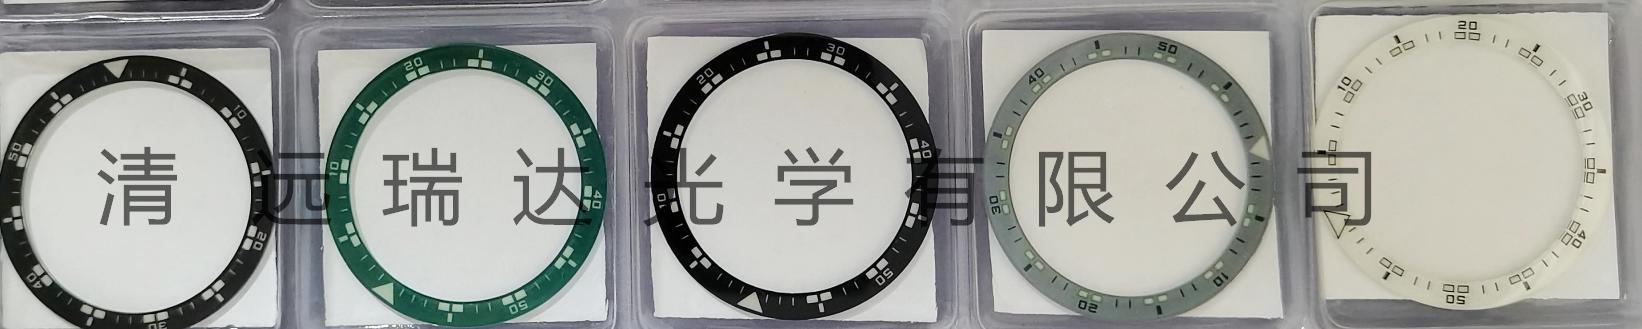 蓝宝石玻璃加工玻璃表圈圈口丝印电镀手表刻度 3